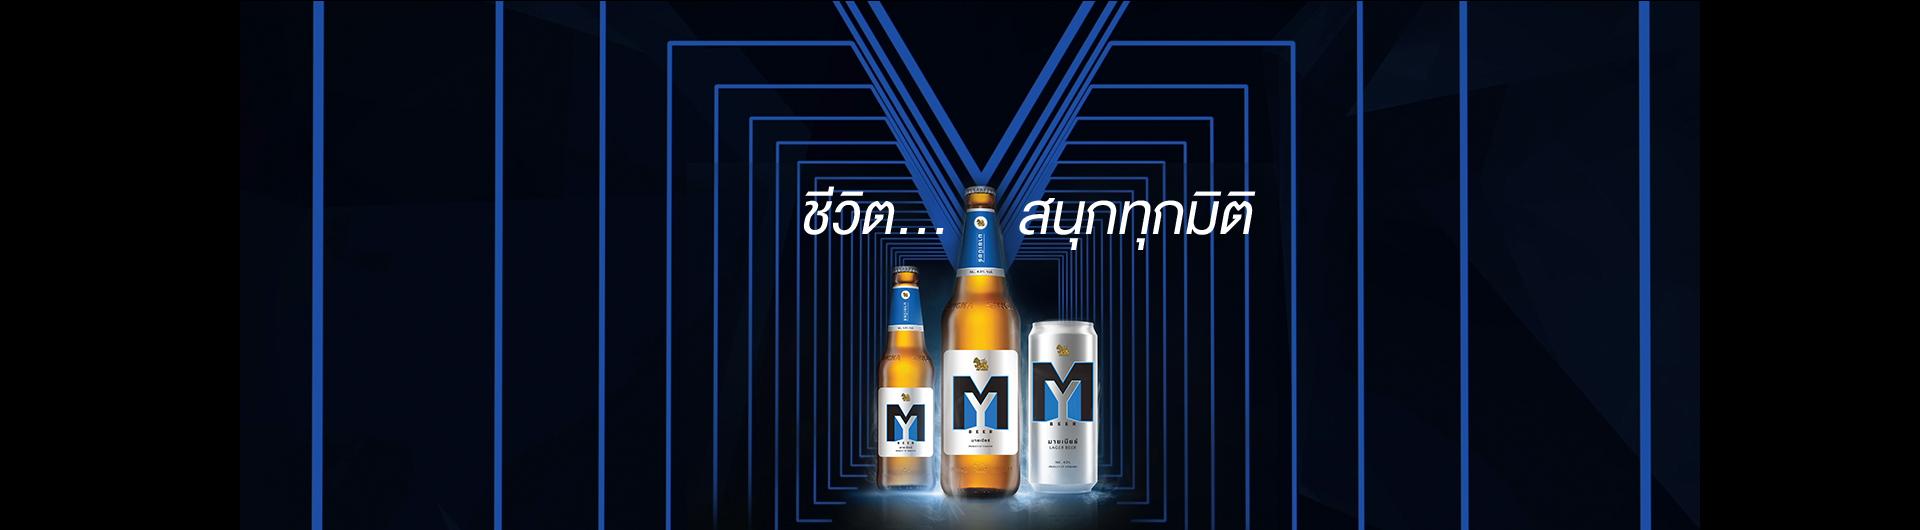 มายเบียร์_mybeer